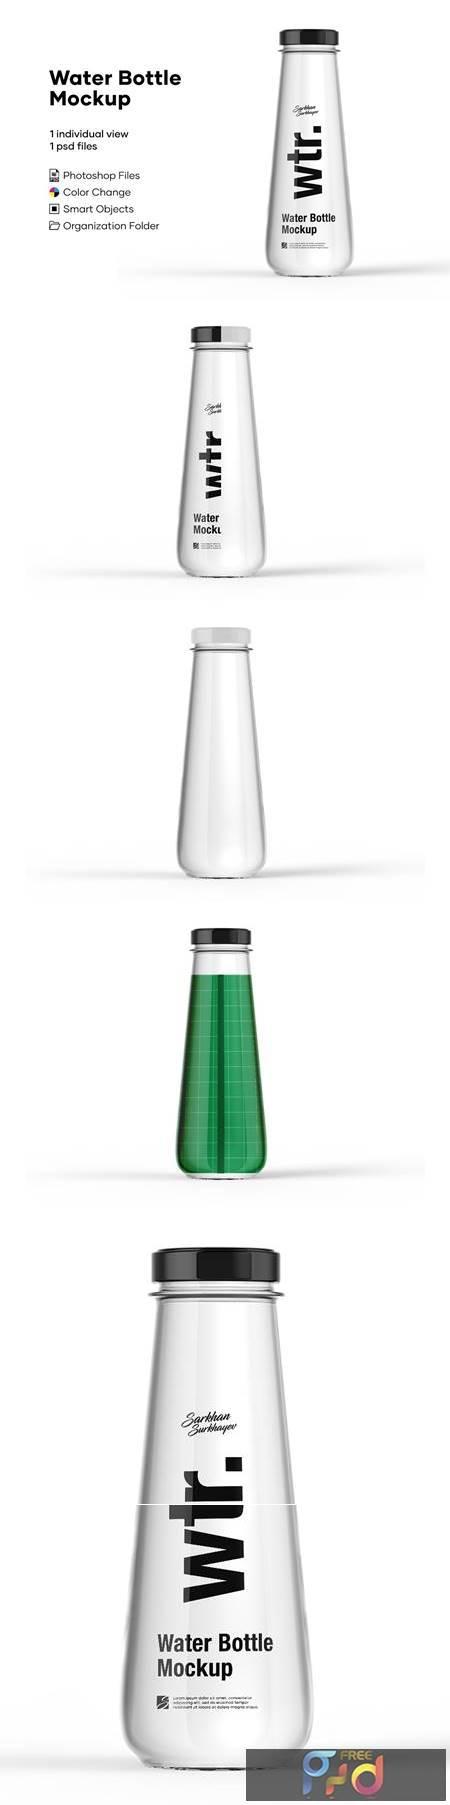 Water Bottle Mockup 5276738 1